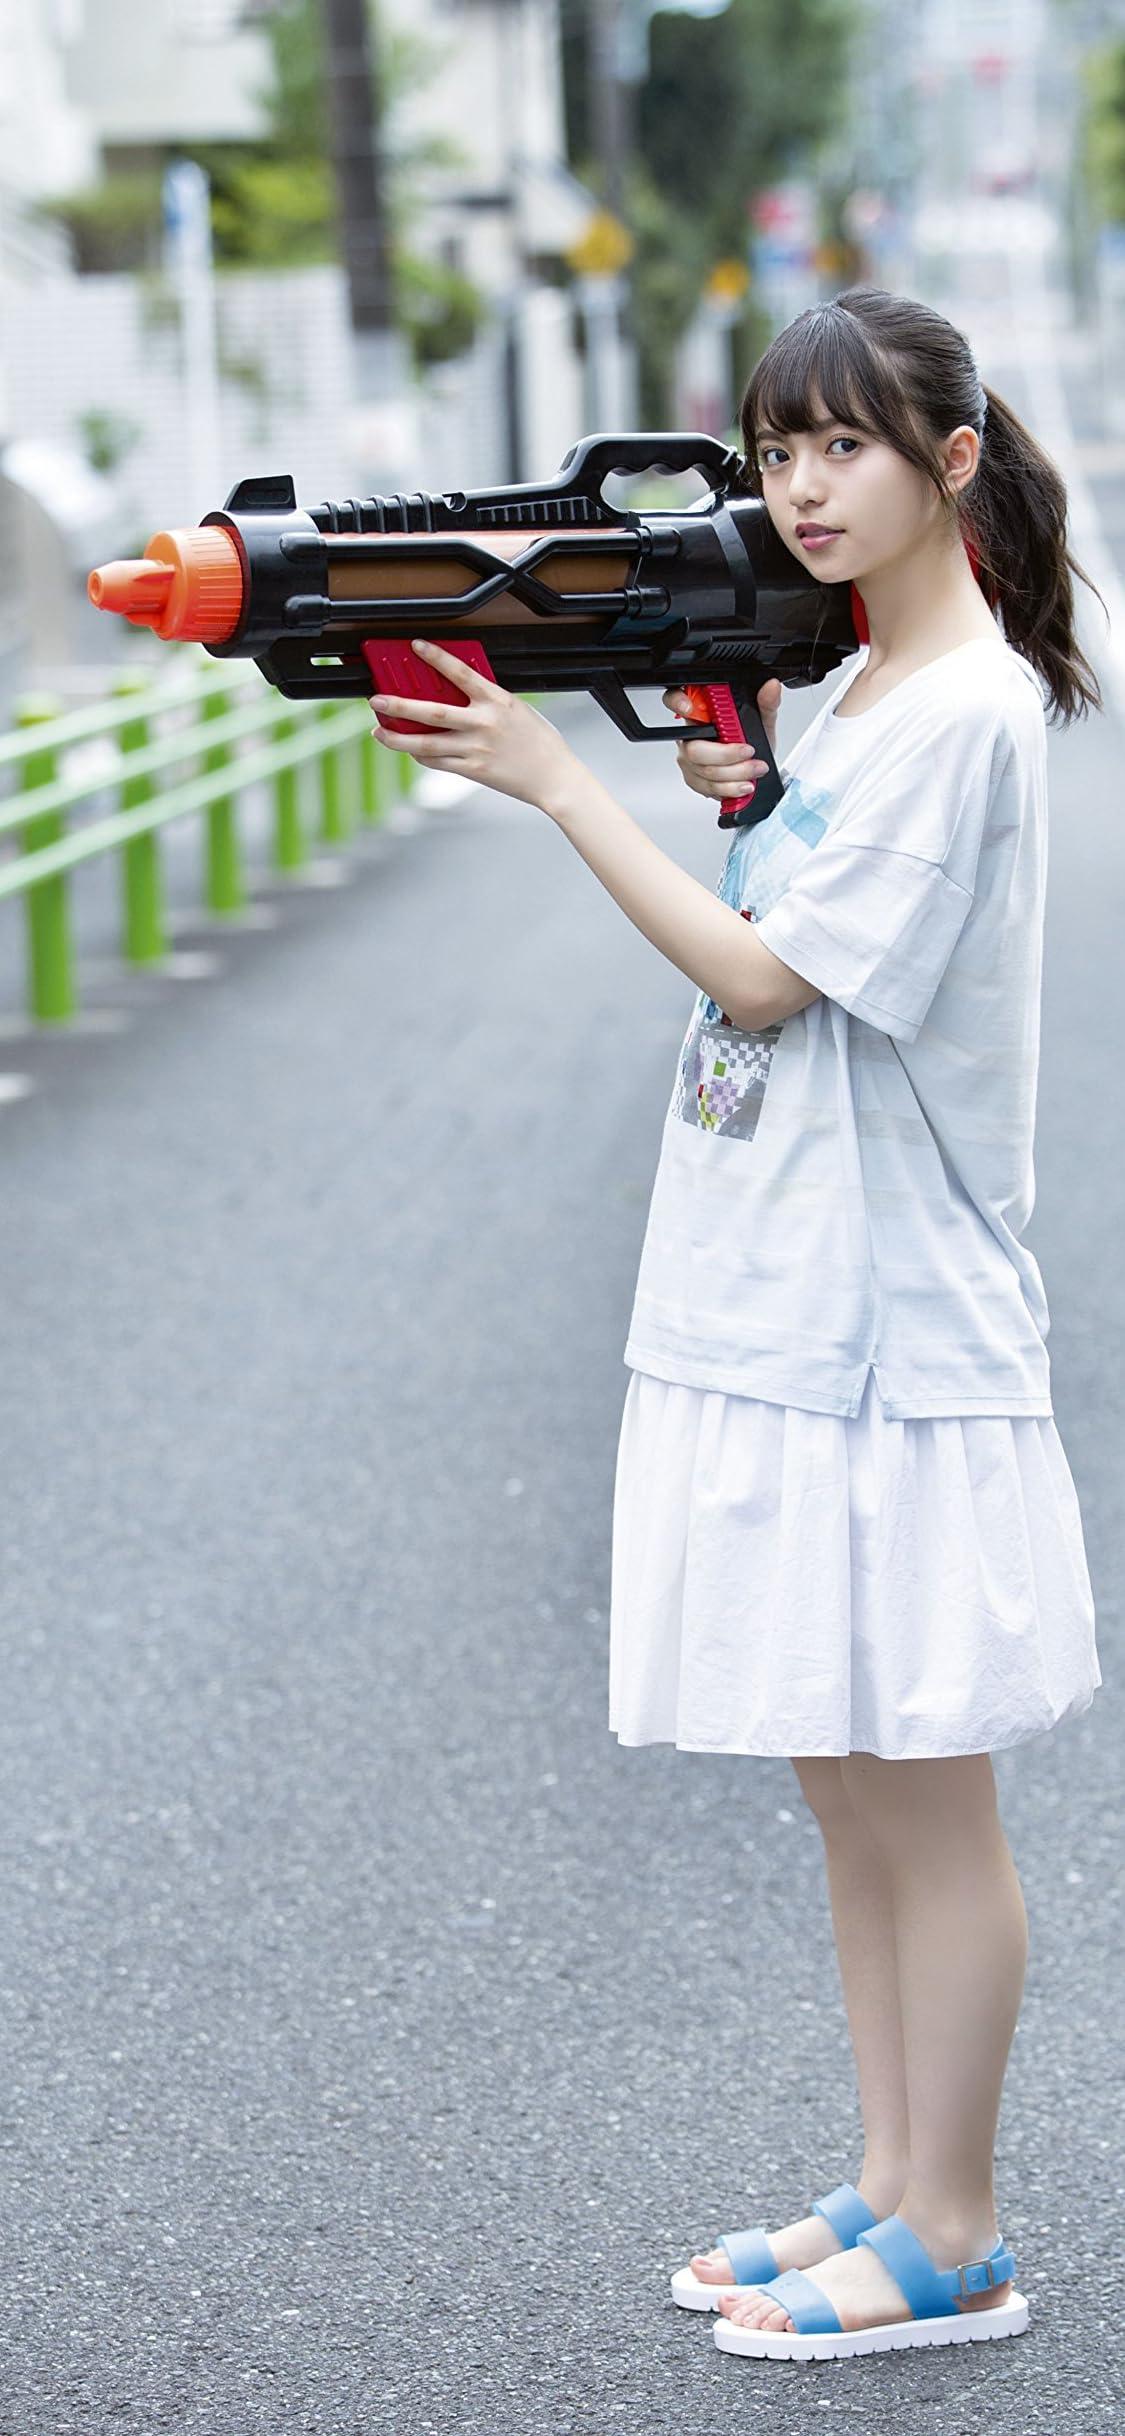 乃木坂46 齋藤飛鳥 路上で大きな水鉄砲を構える iPhone X 壁紙(1125x2436) 画像72749 スマポ